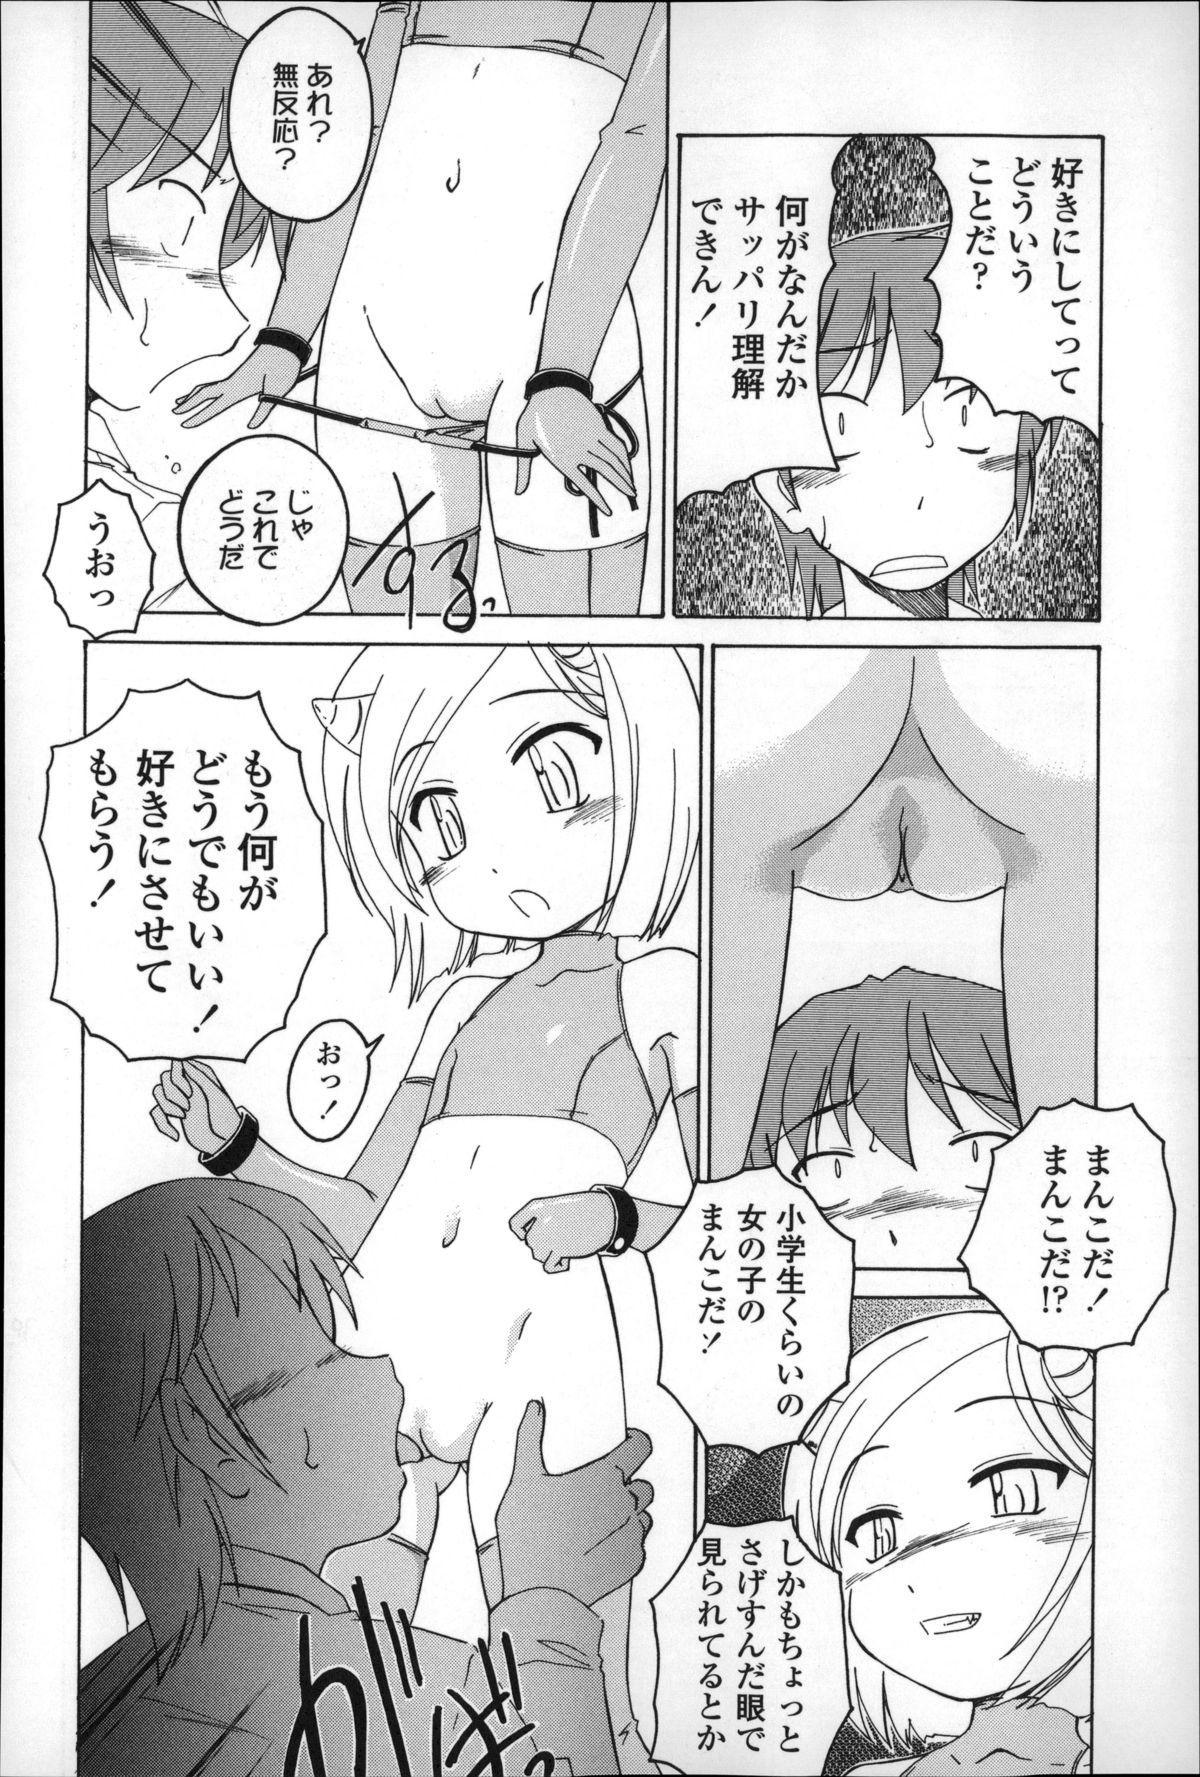 Youshou no Hana no Himitsu - The secret of Girls flowers 141